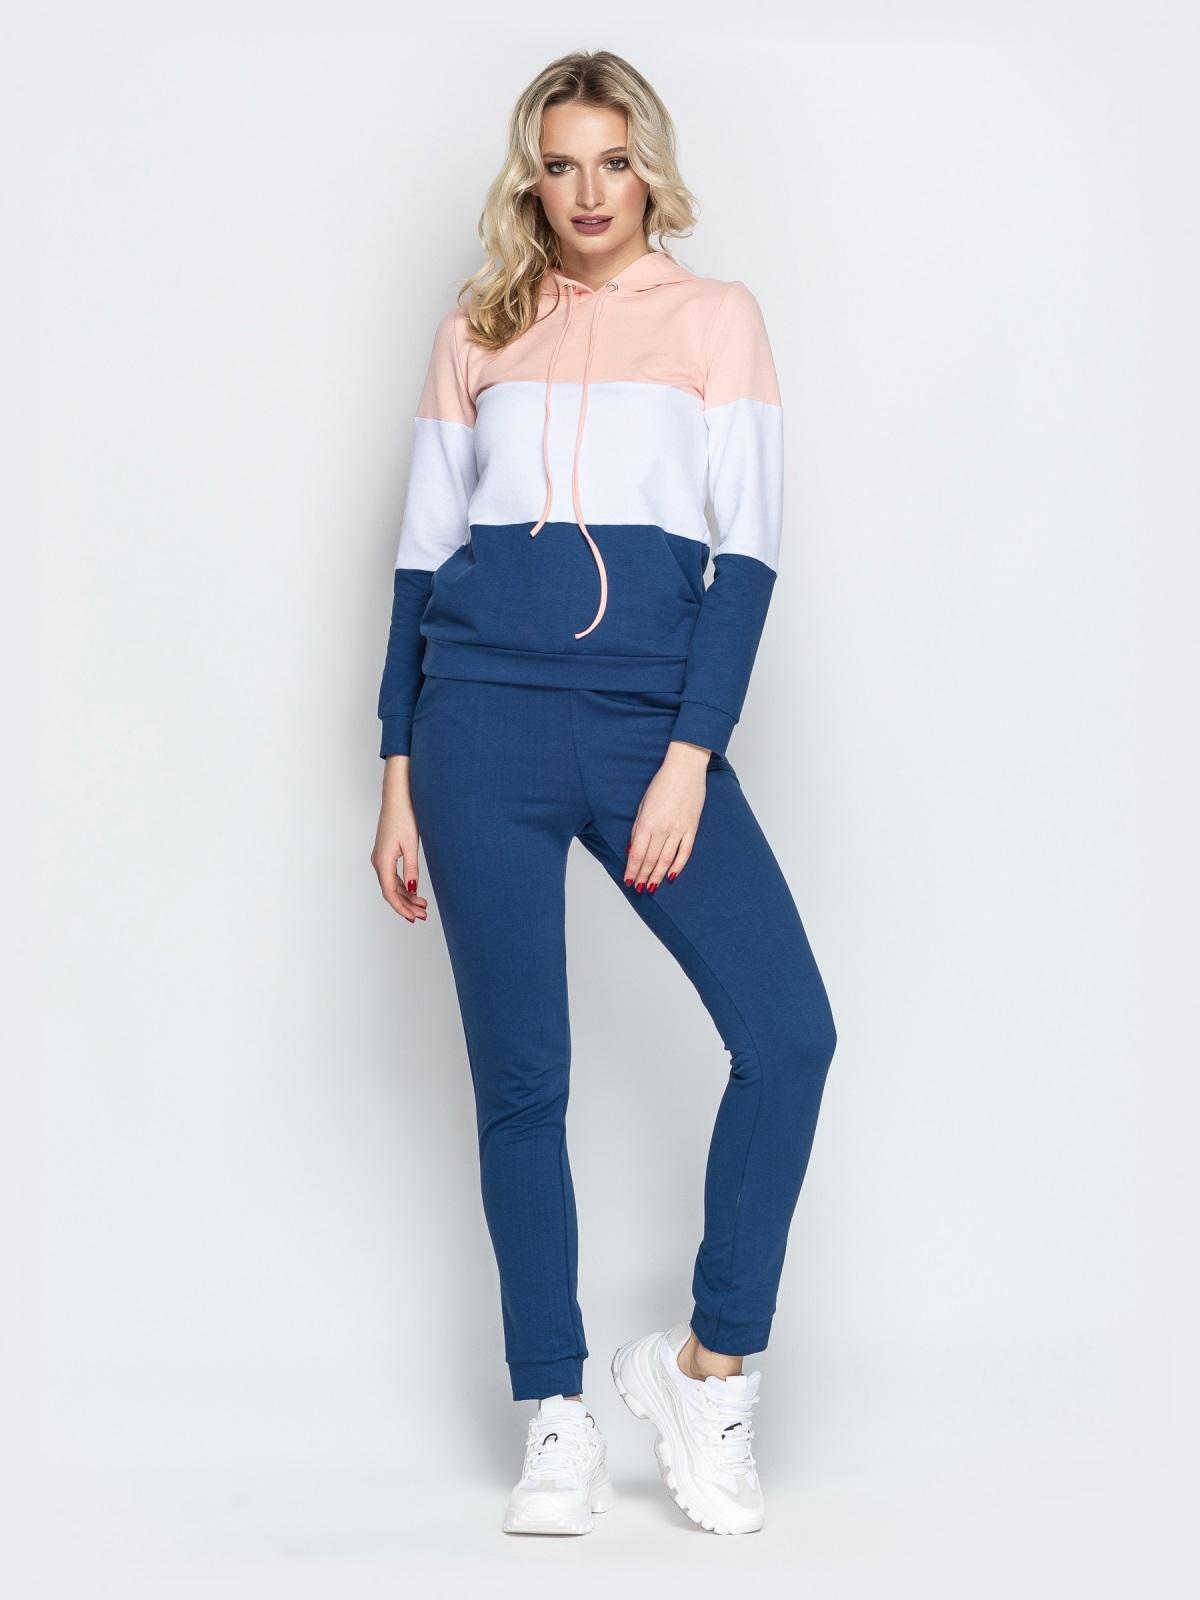 Спортивный костюм с контарстными вставками на кофте синий - 21307, фото 1 – интернет-магазин Dressa